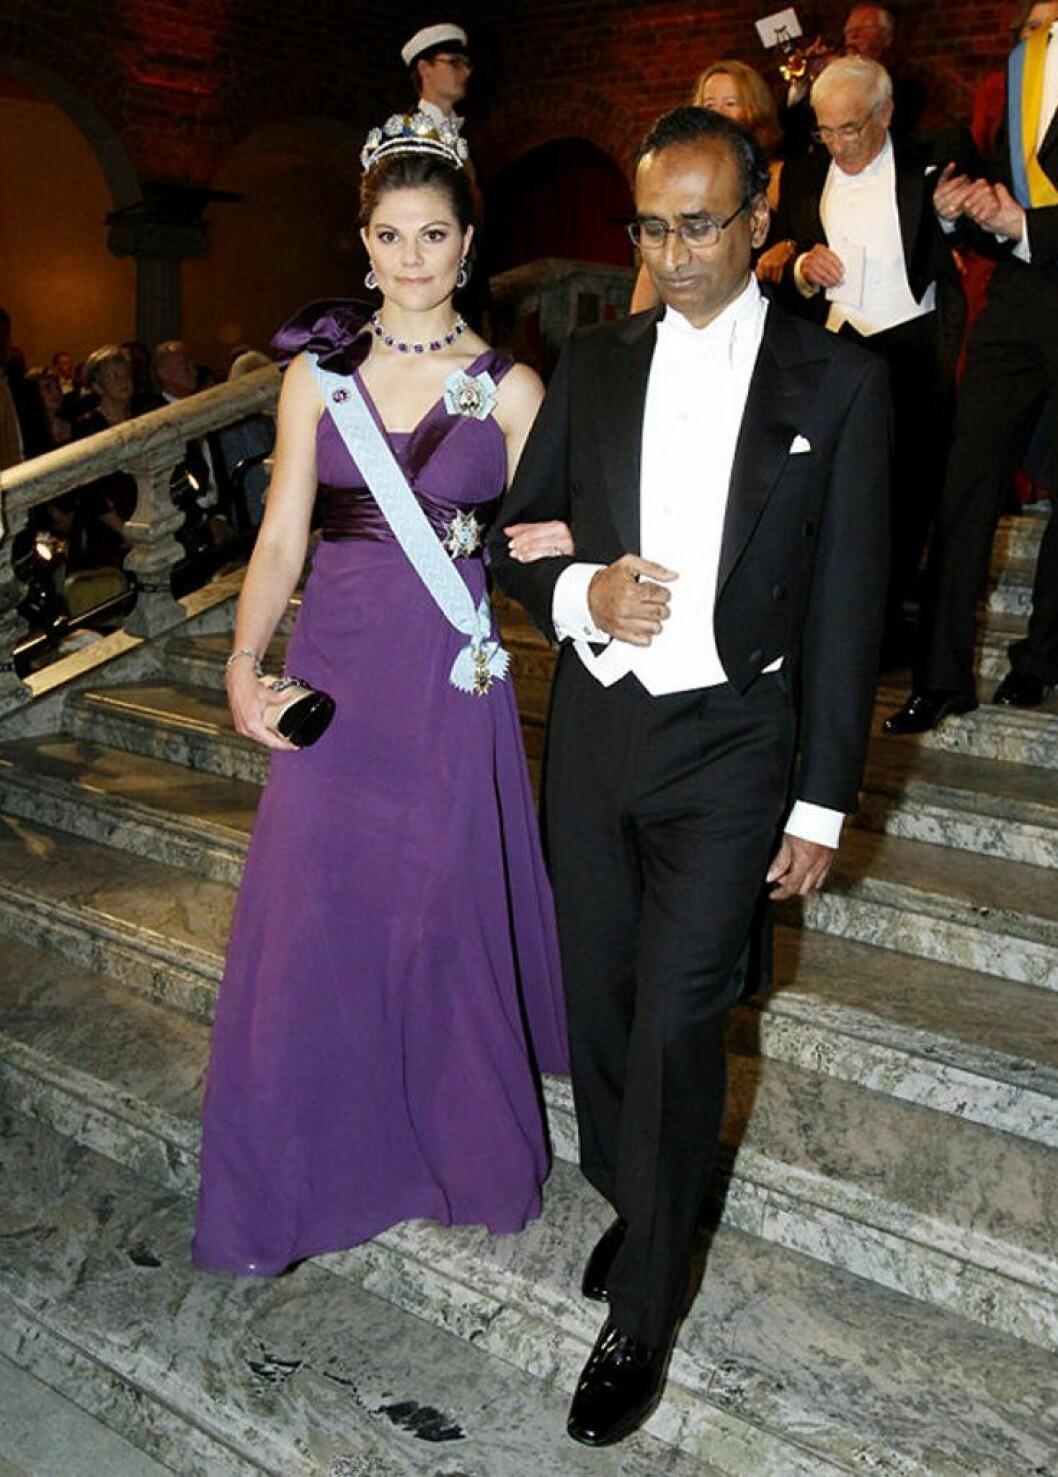 Kronprinsessan Victoria i en lila klänning av Elie Saab.